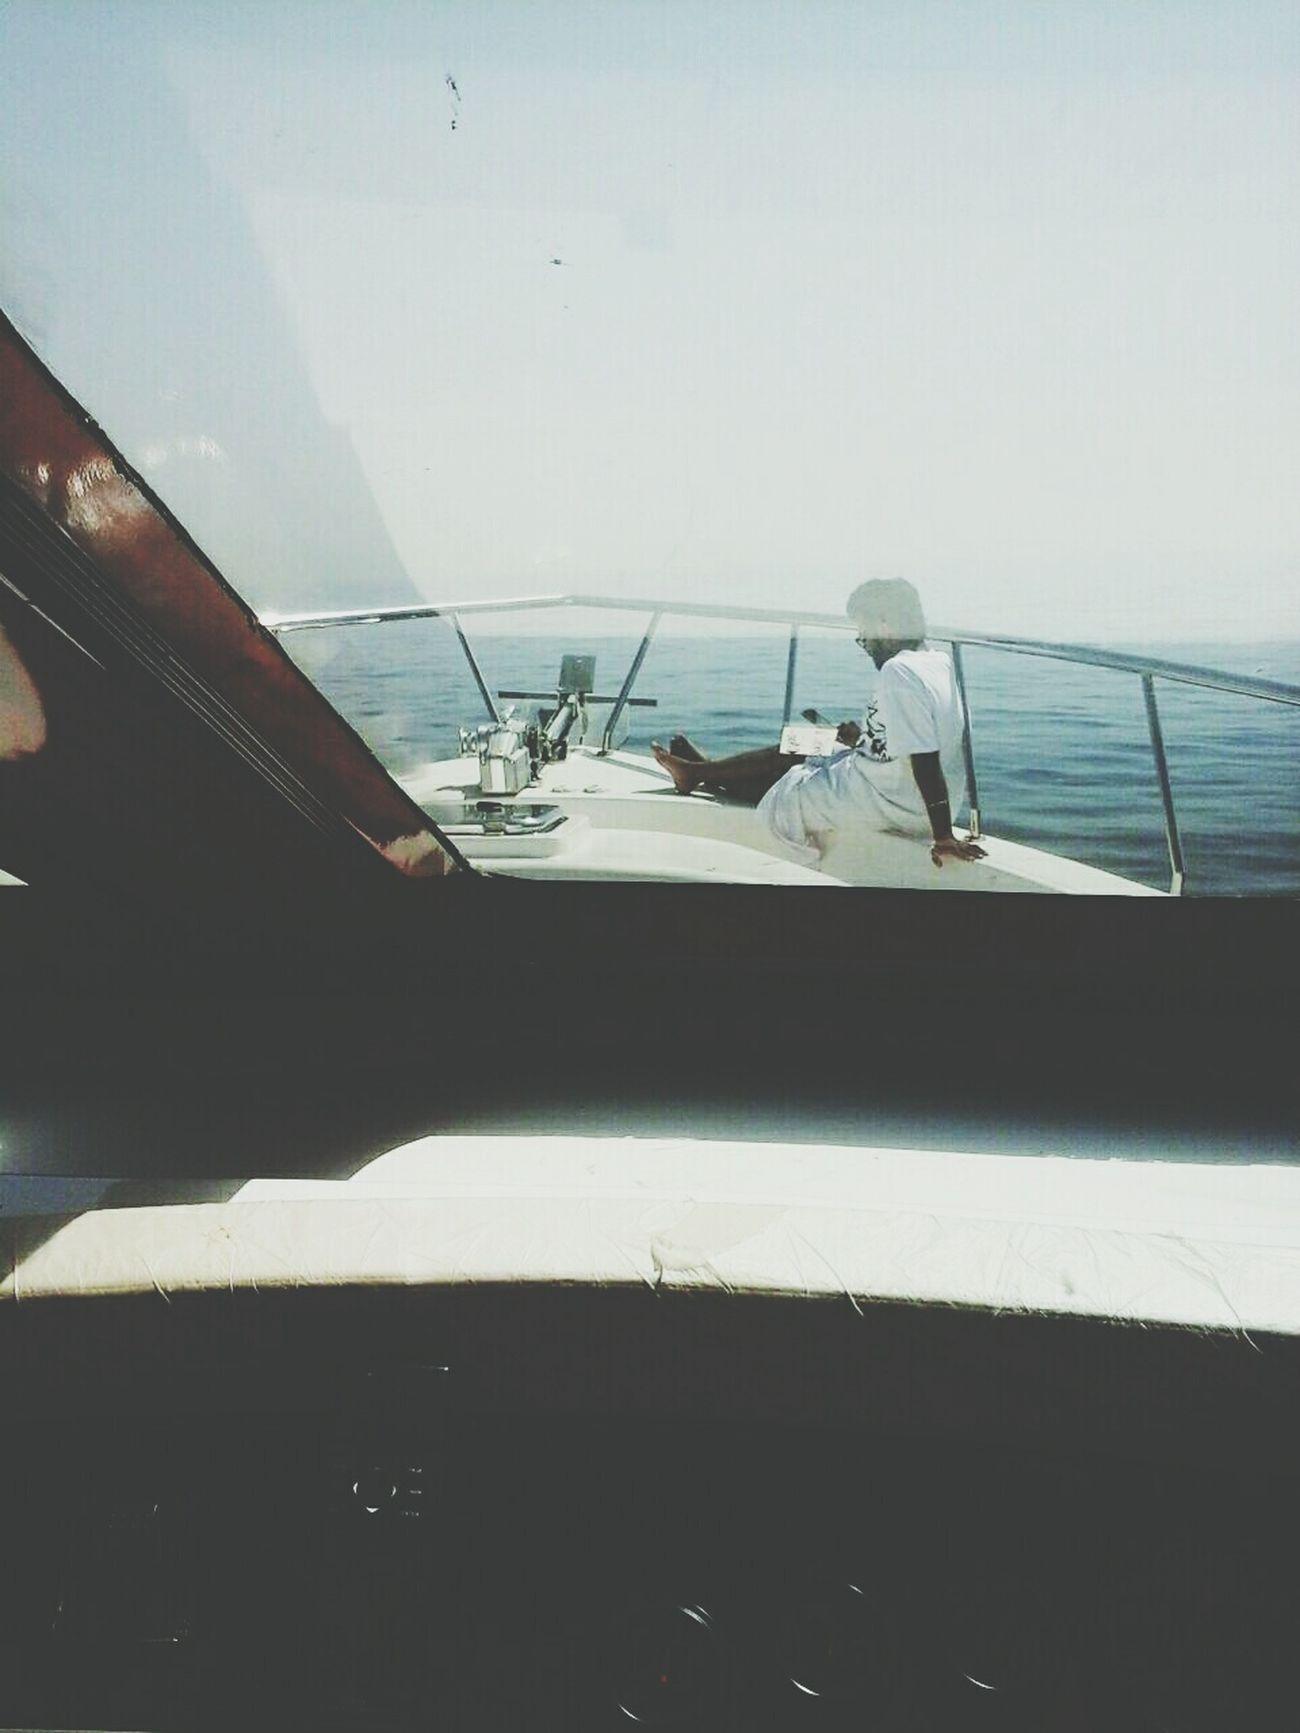 Being a captain...🌊💙⛵ Unitedarabemirates Lifeinuae Sealife Yacht Abudhabi UAE